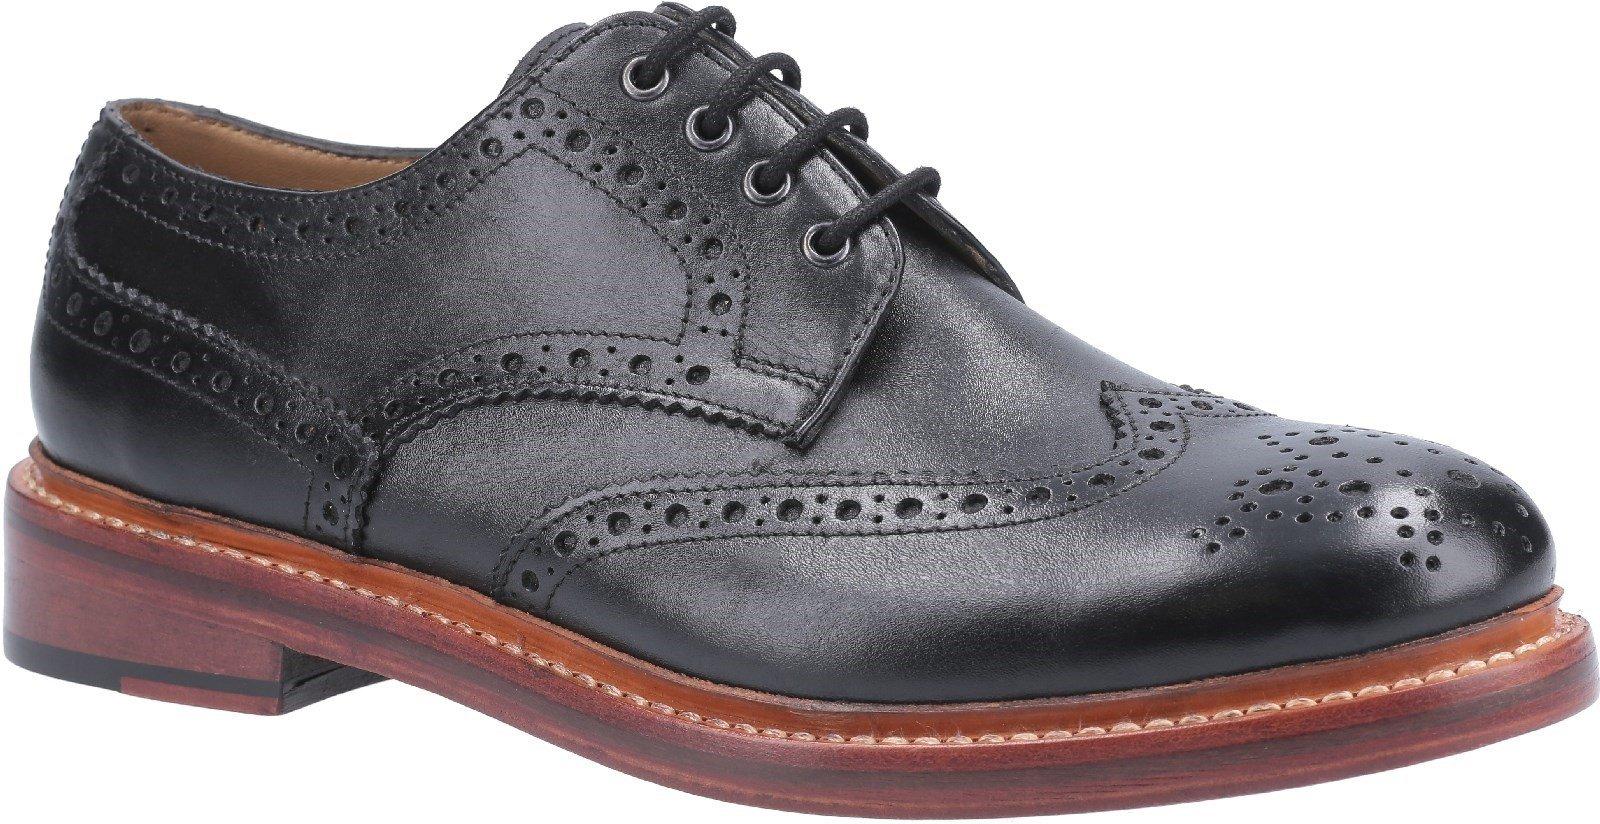 Cotswold Men's Quenington Leather Welt Brogue SHoe Various Colours 29256 - Black 7